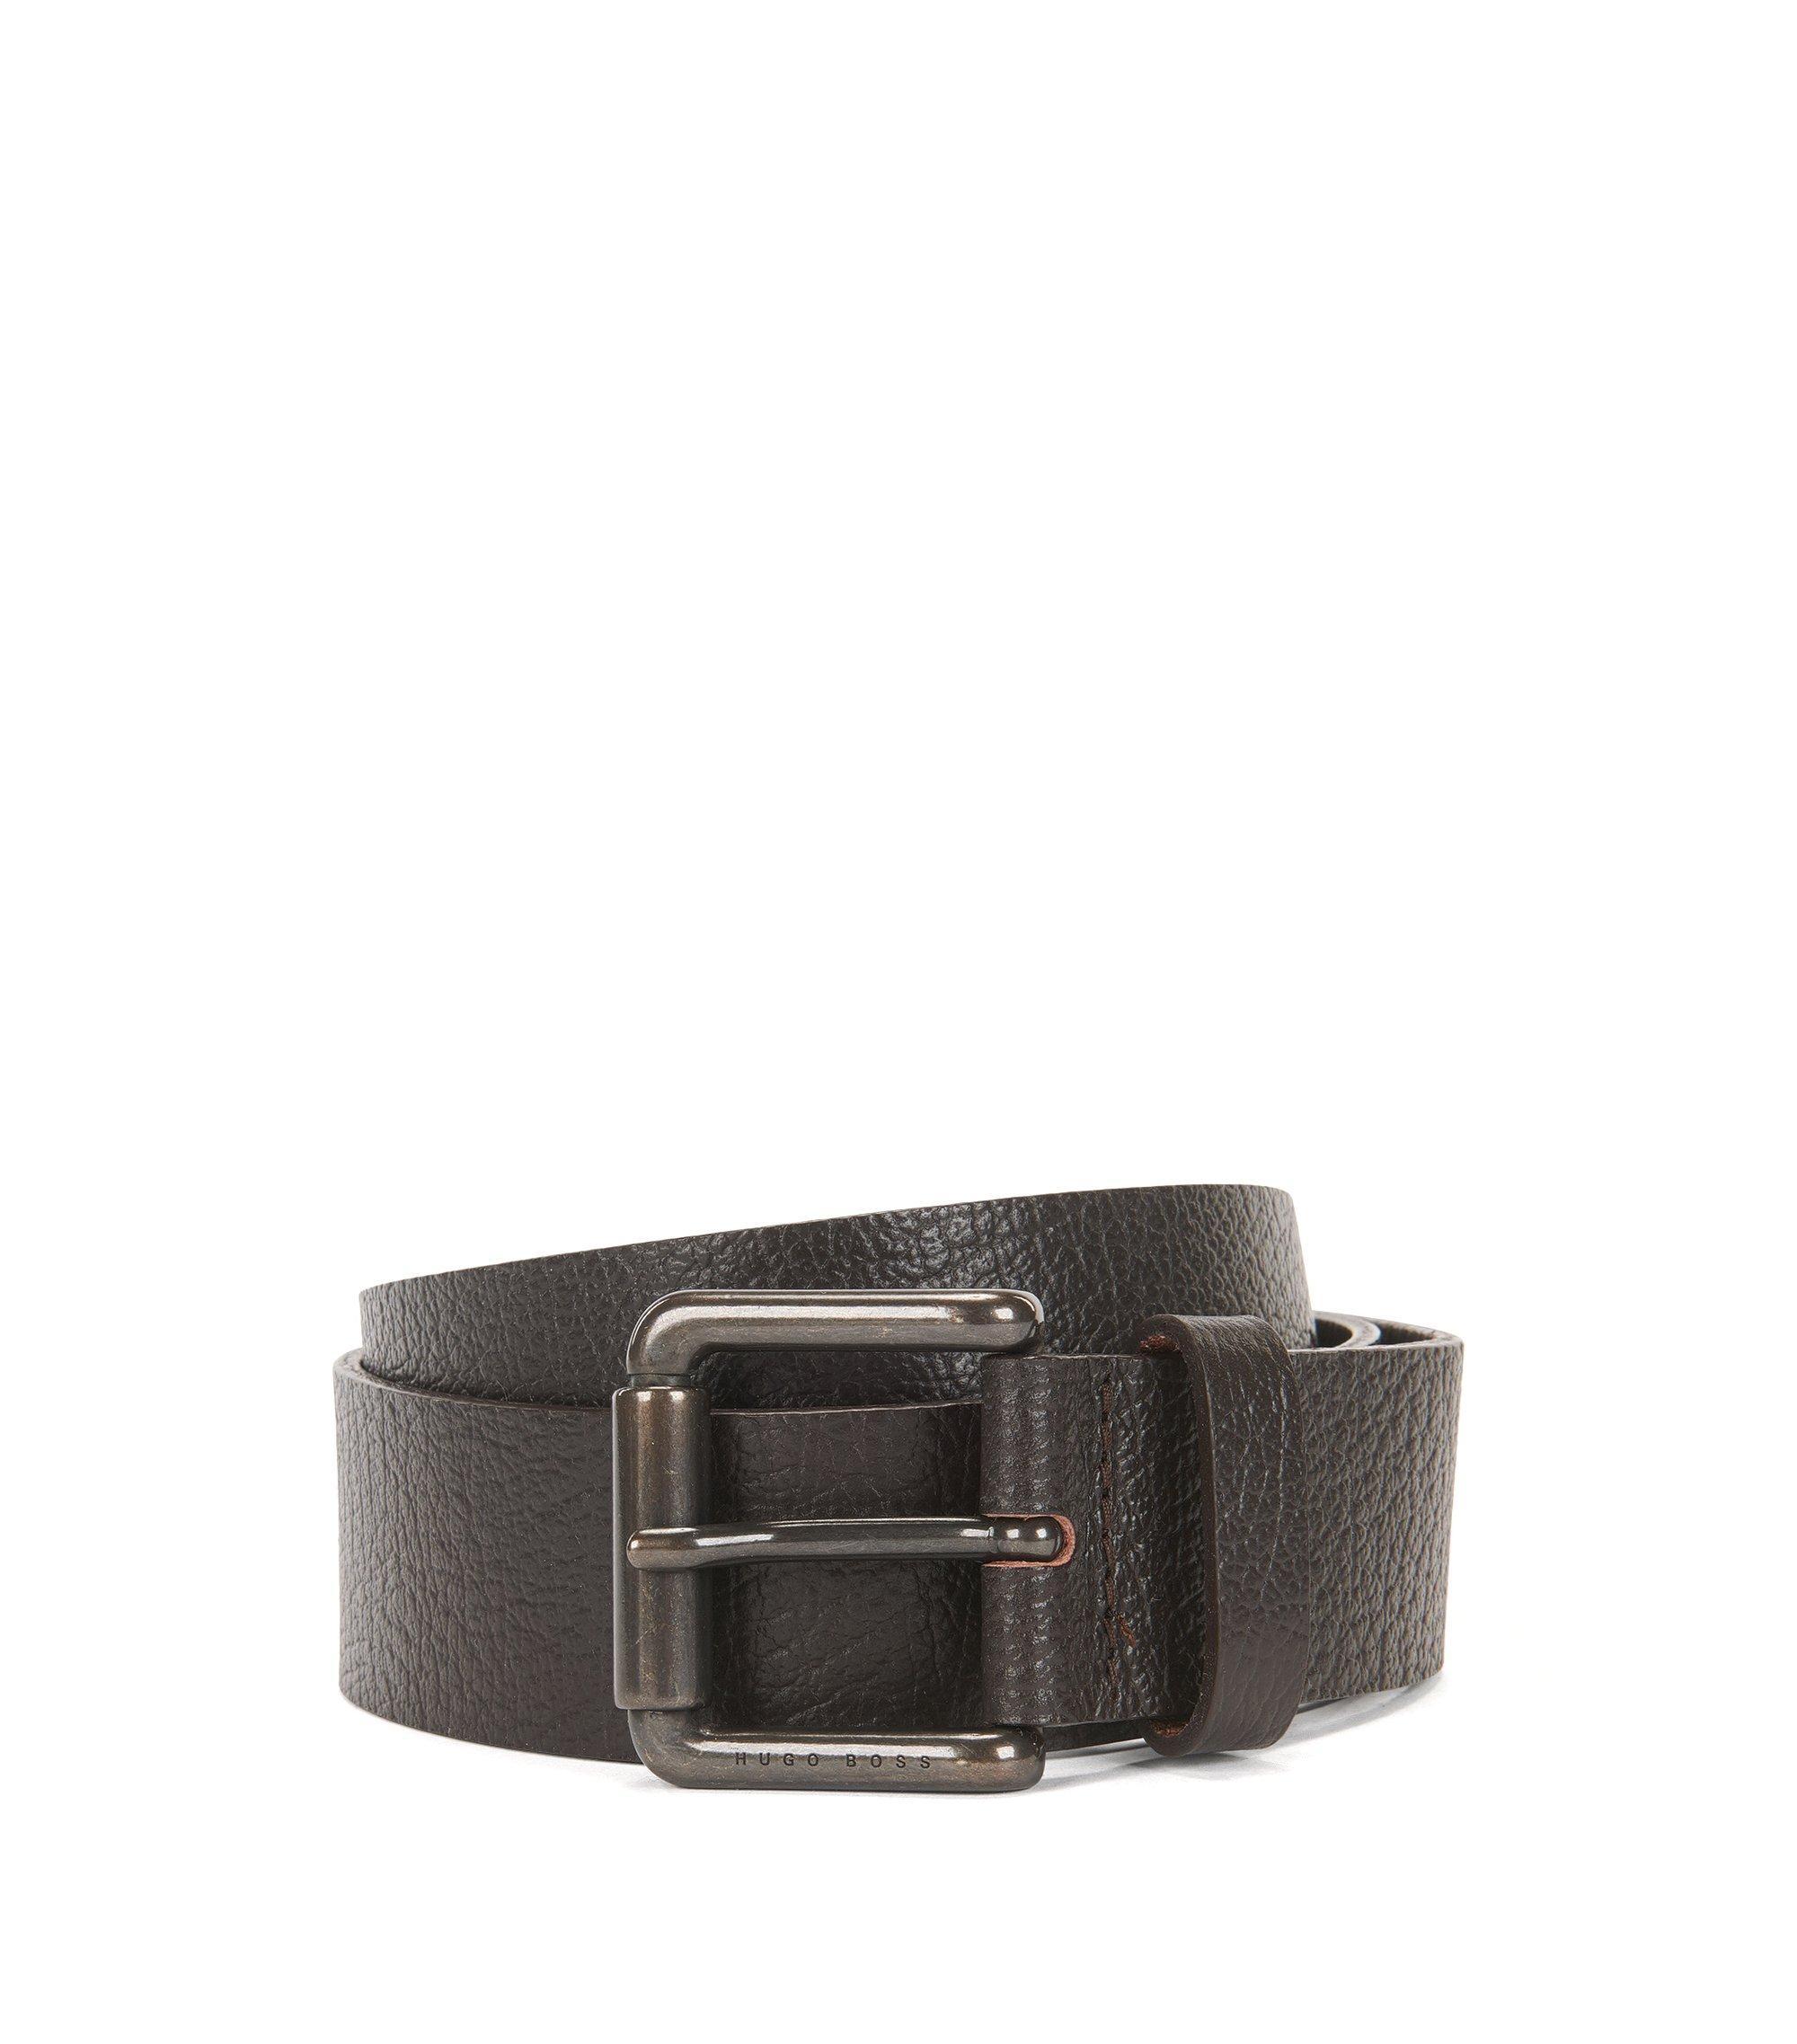 Cintura in pelle martellata con fibbia arrotondata color canna di fucile, Marrone scuro